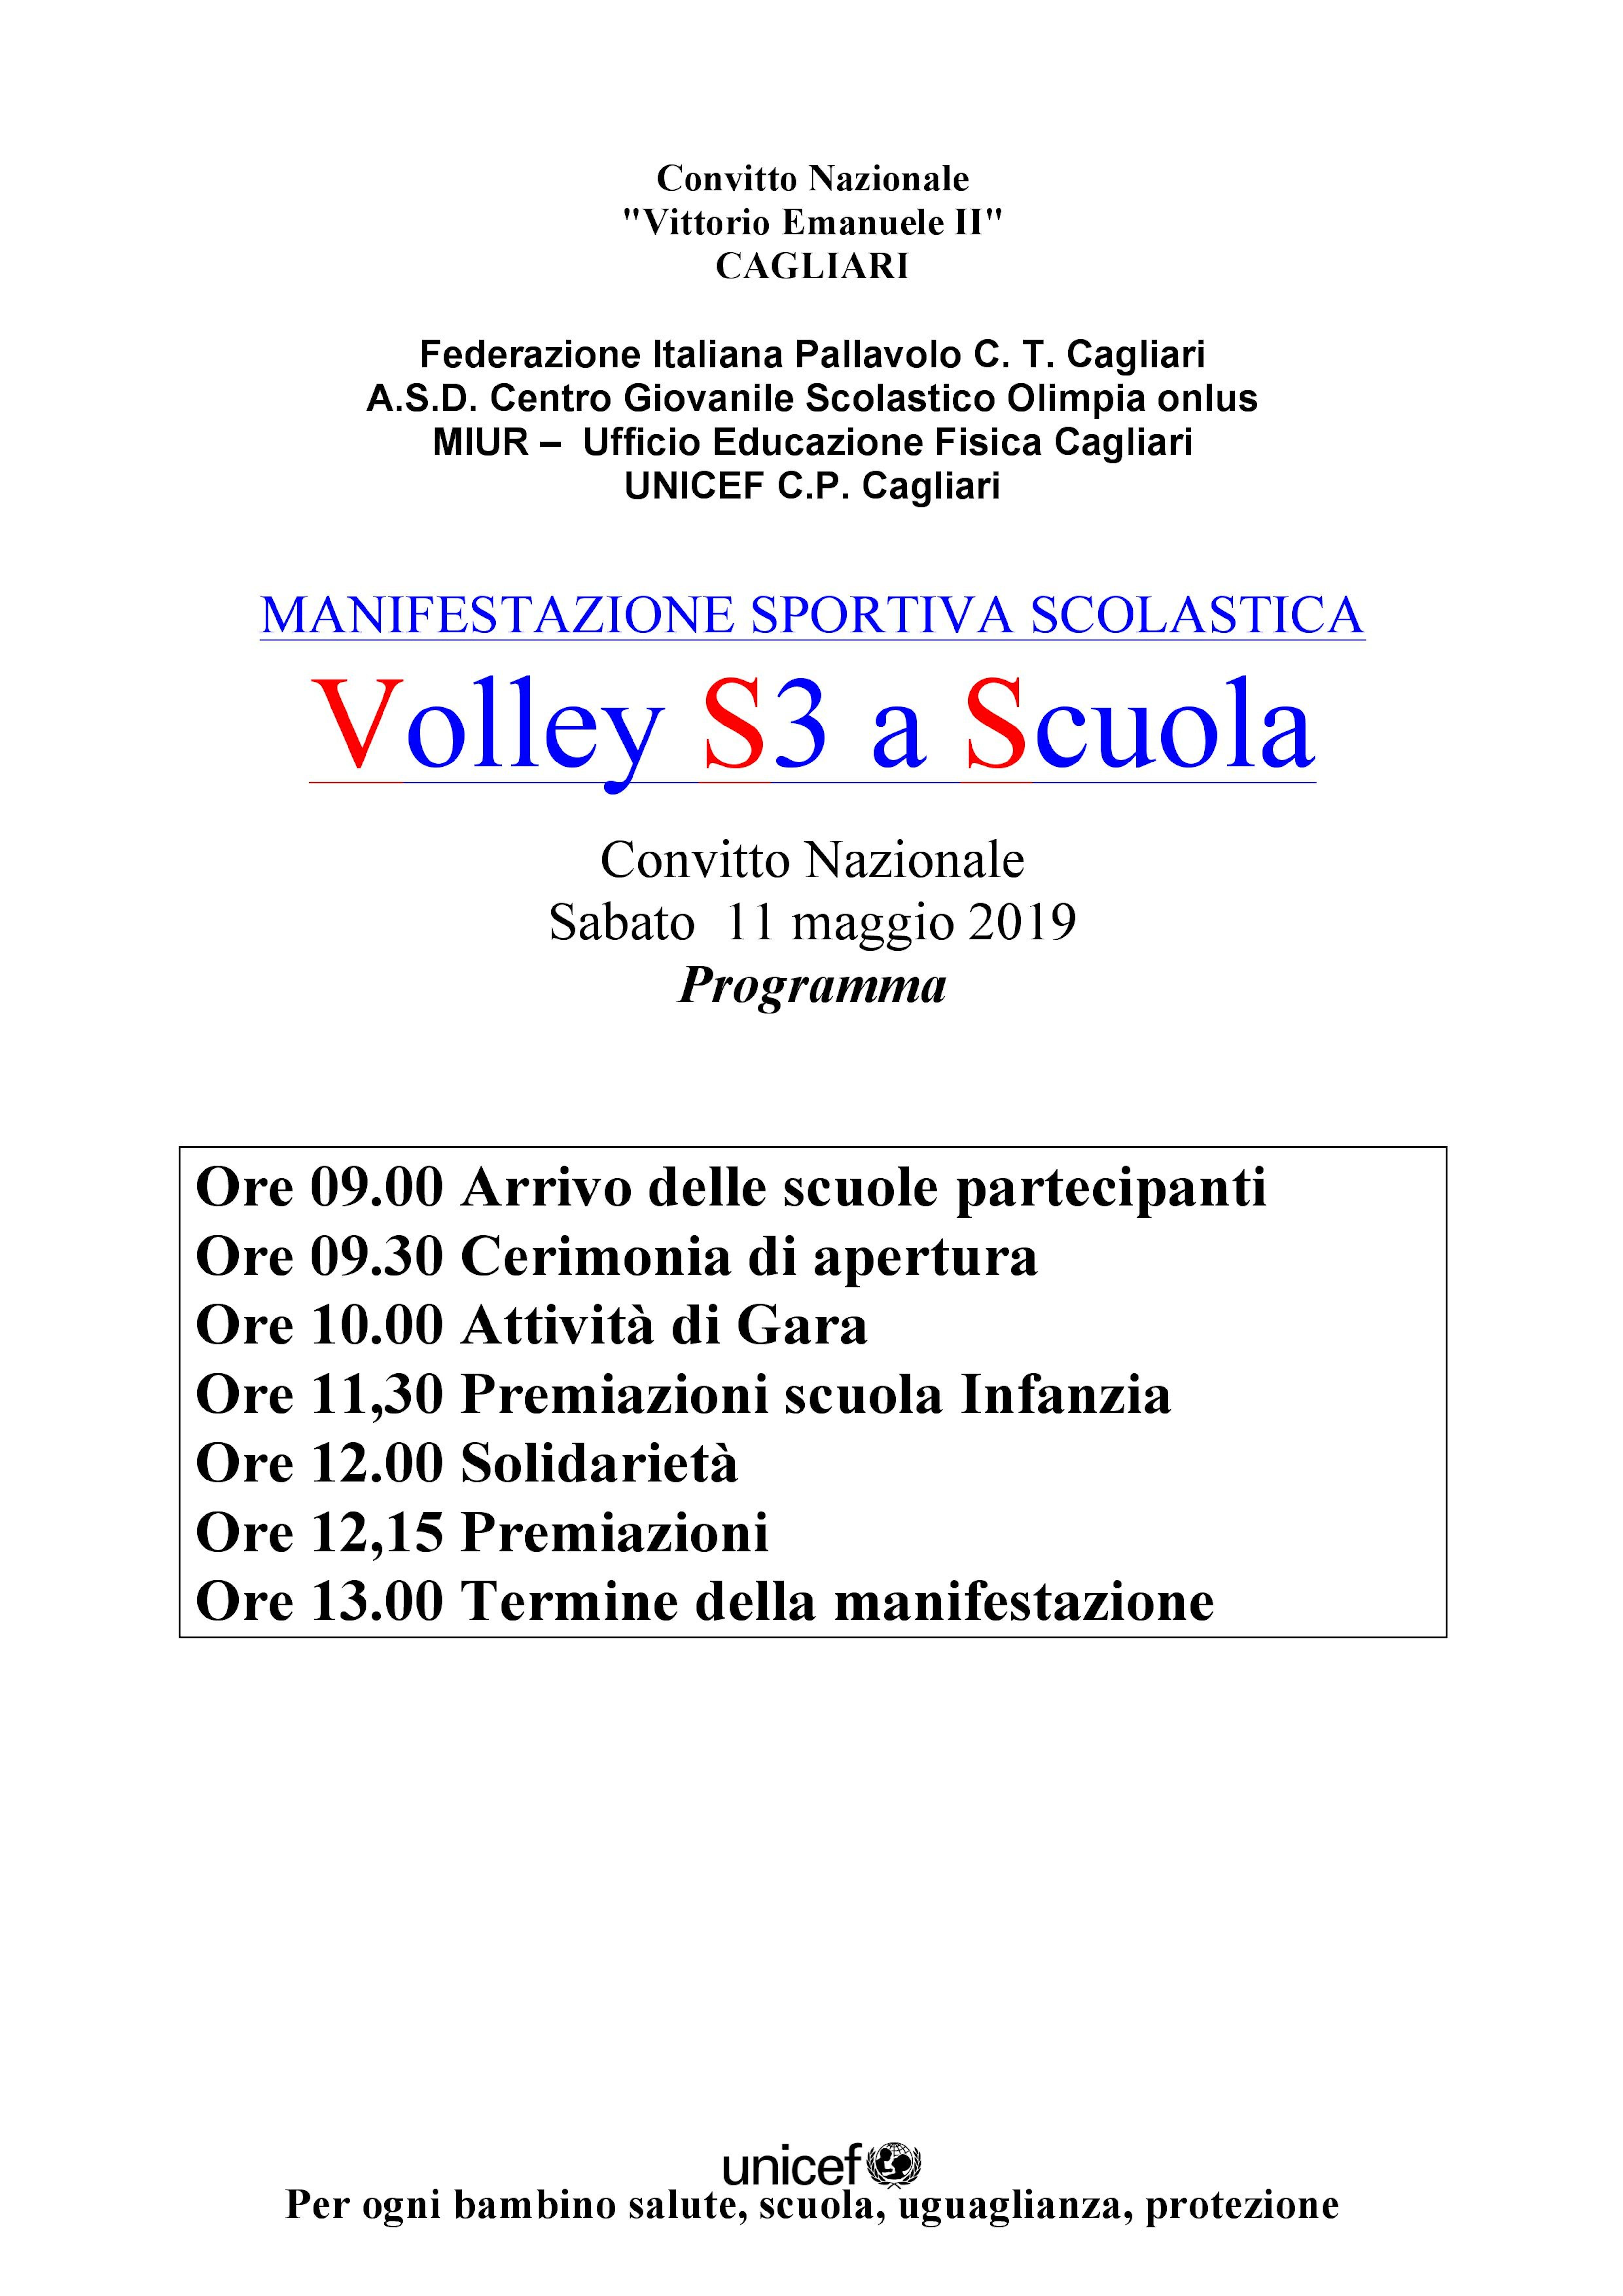 La 20° edizione del Volley S3 a Scuola 2019 a favore del progetto #tuttiascuola